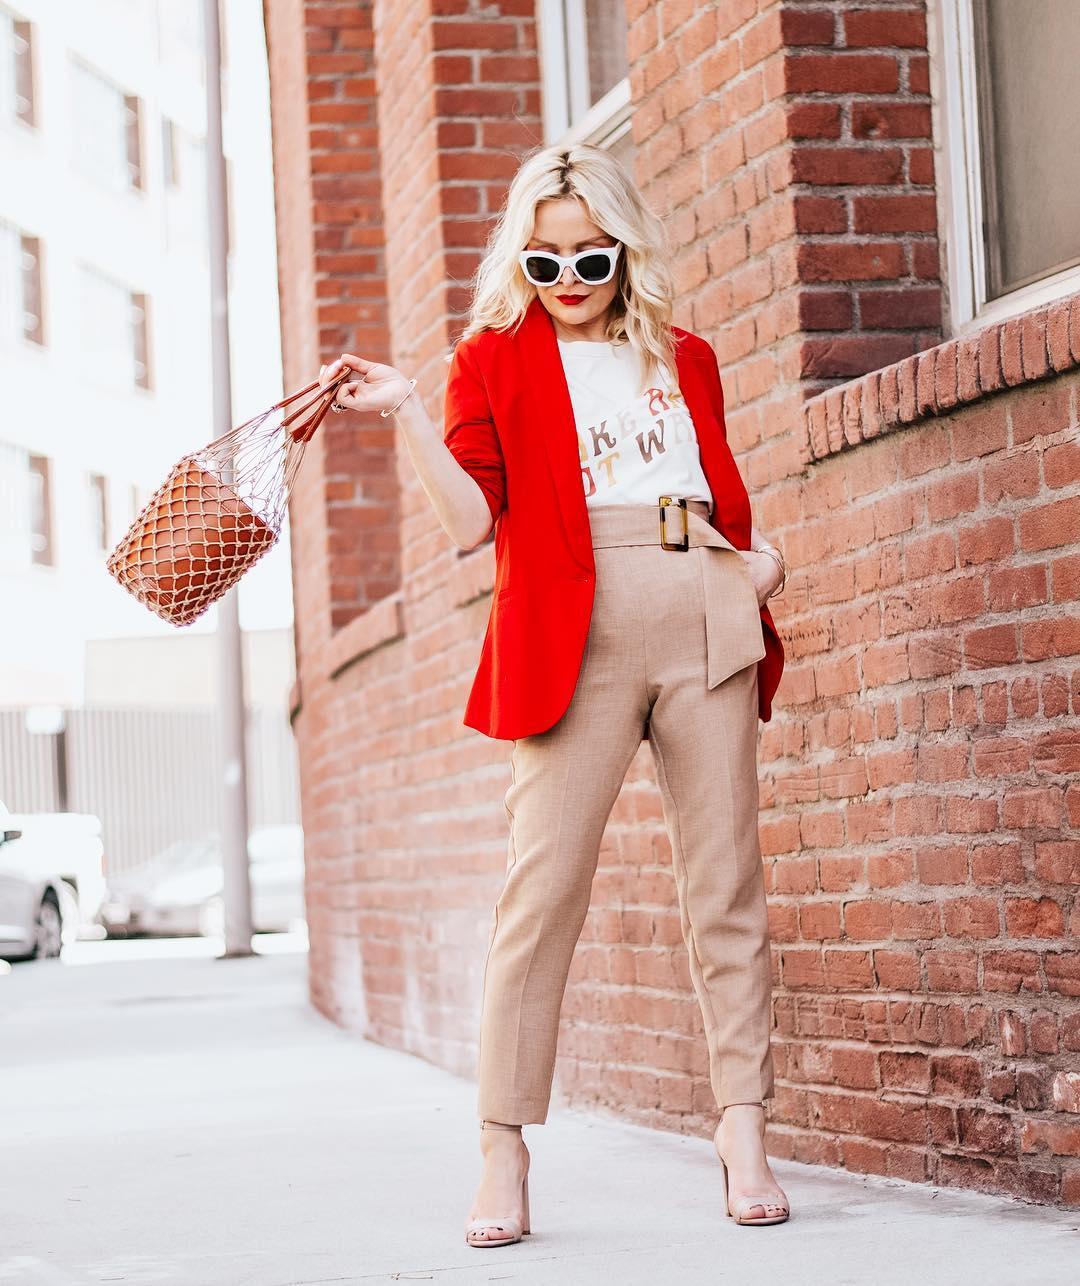 летний стиль леди лайк 2019 для женщин 40-50 лет фото 9